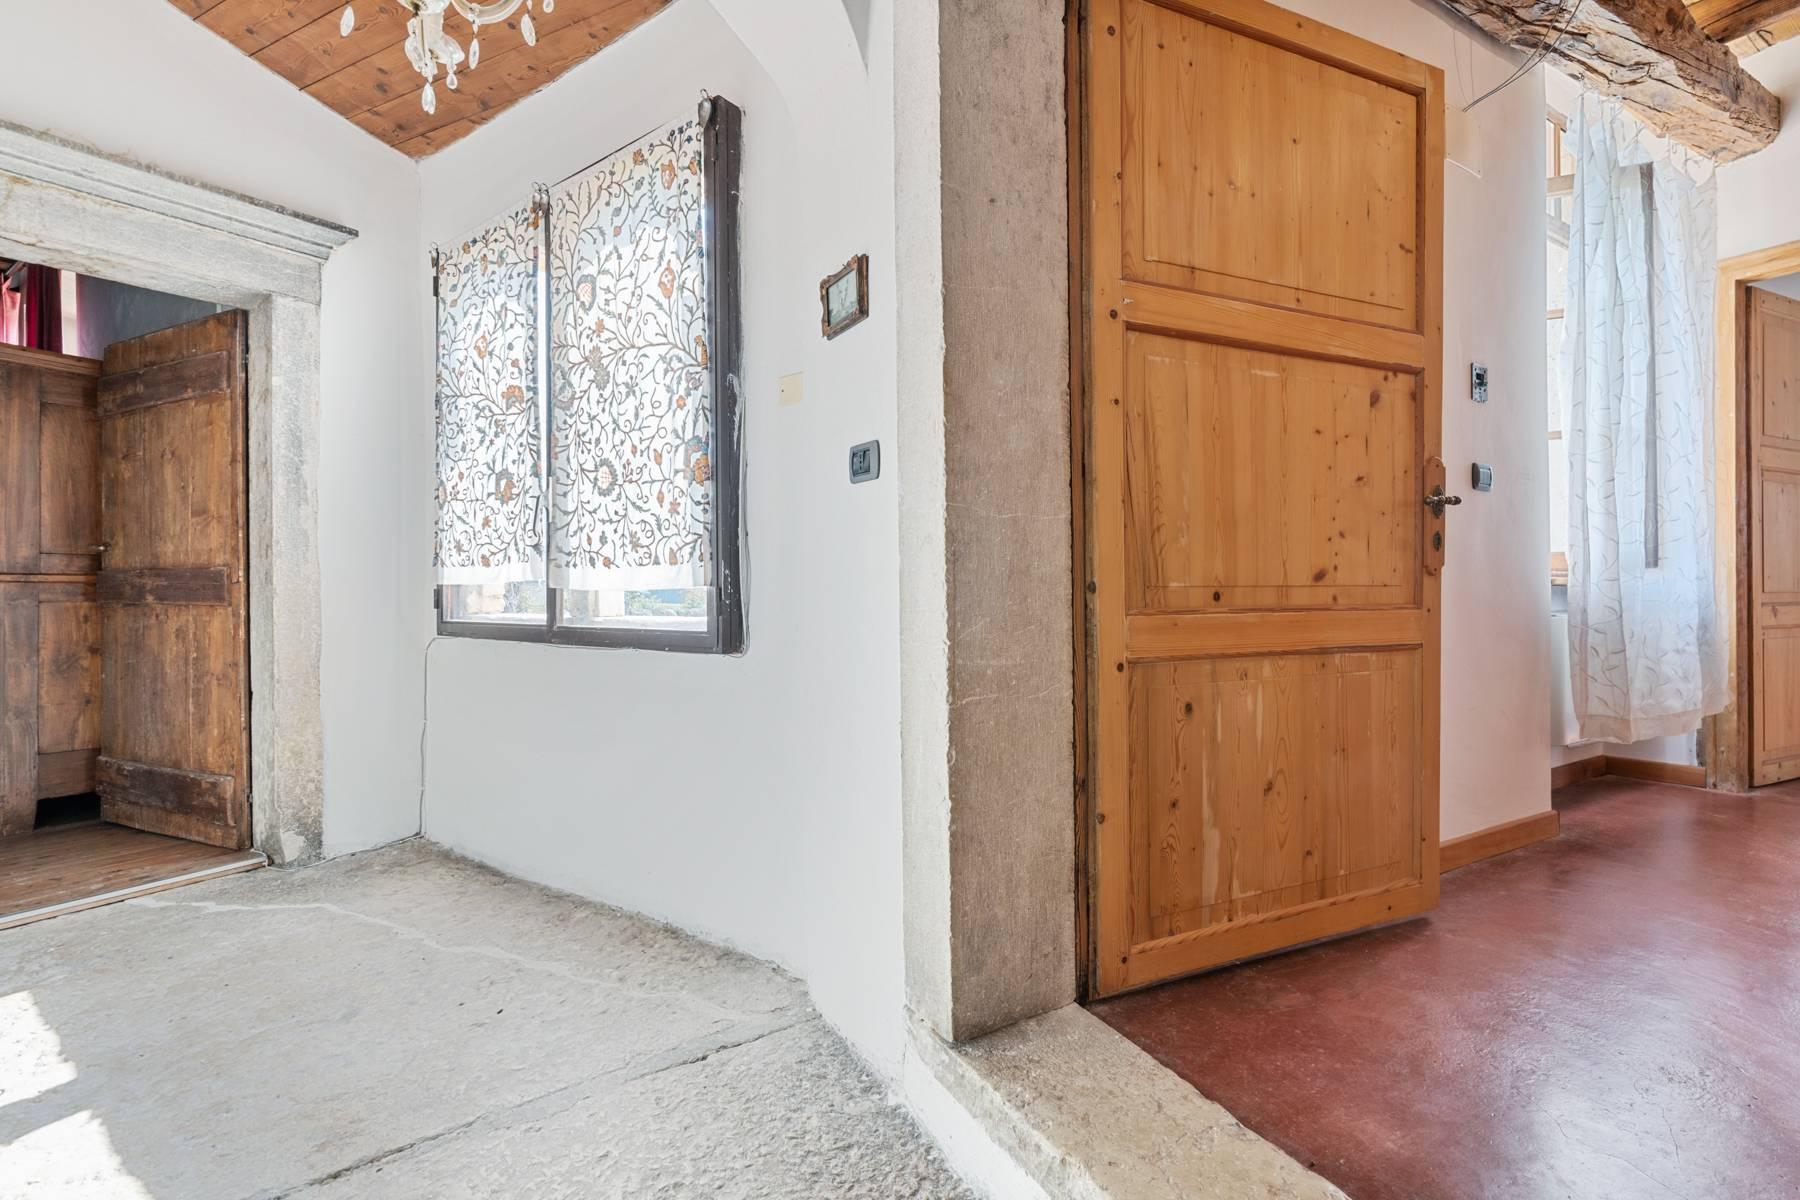 Rustico in Vendita a Caprino Veronese: 5 locali, 770 mq - Foto 27